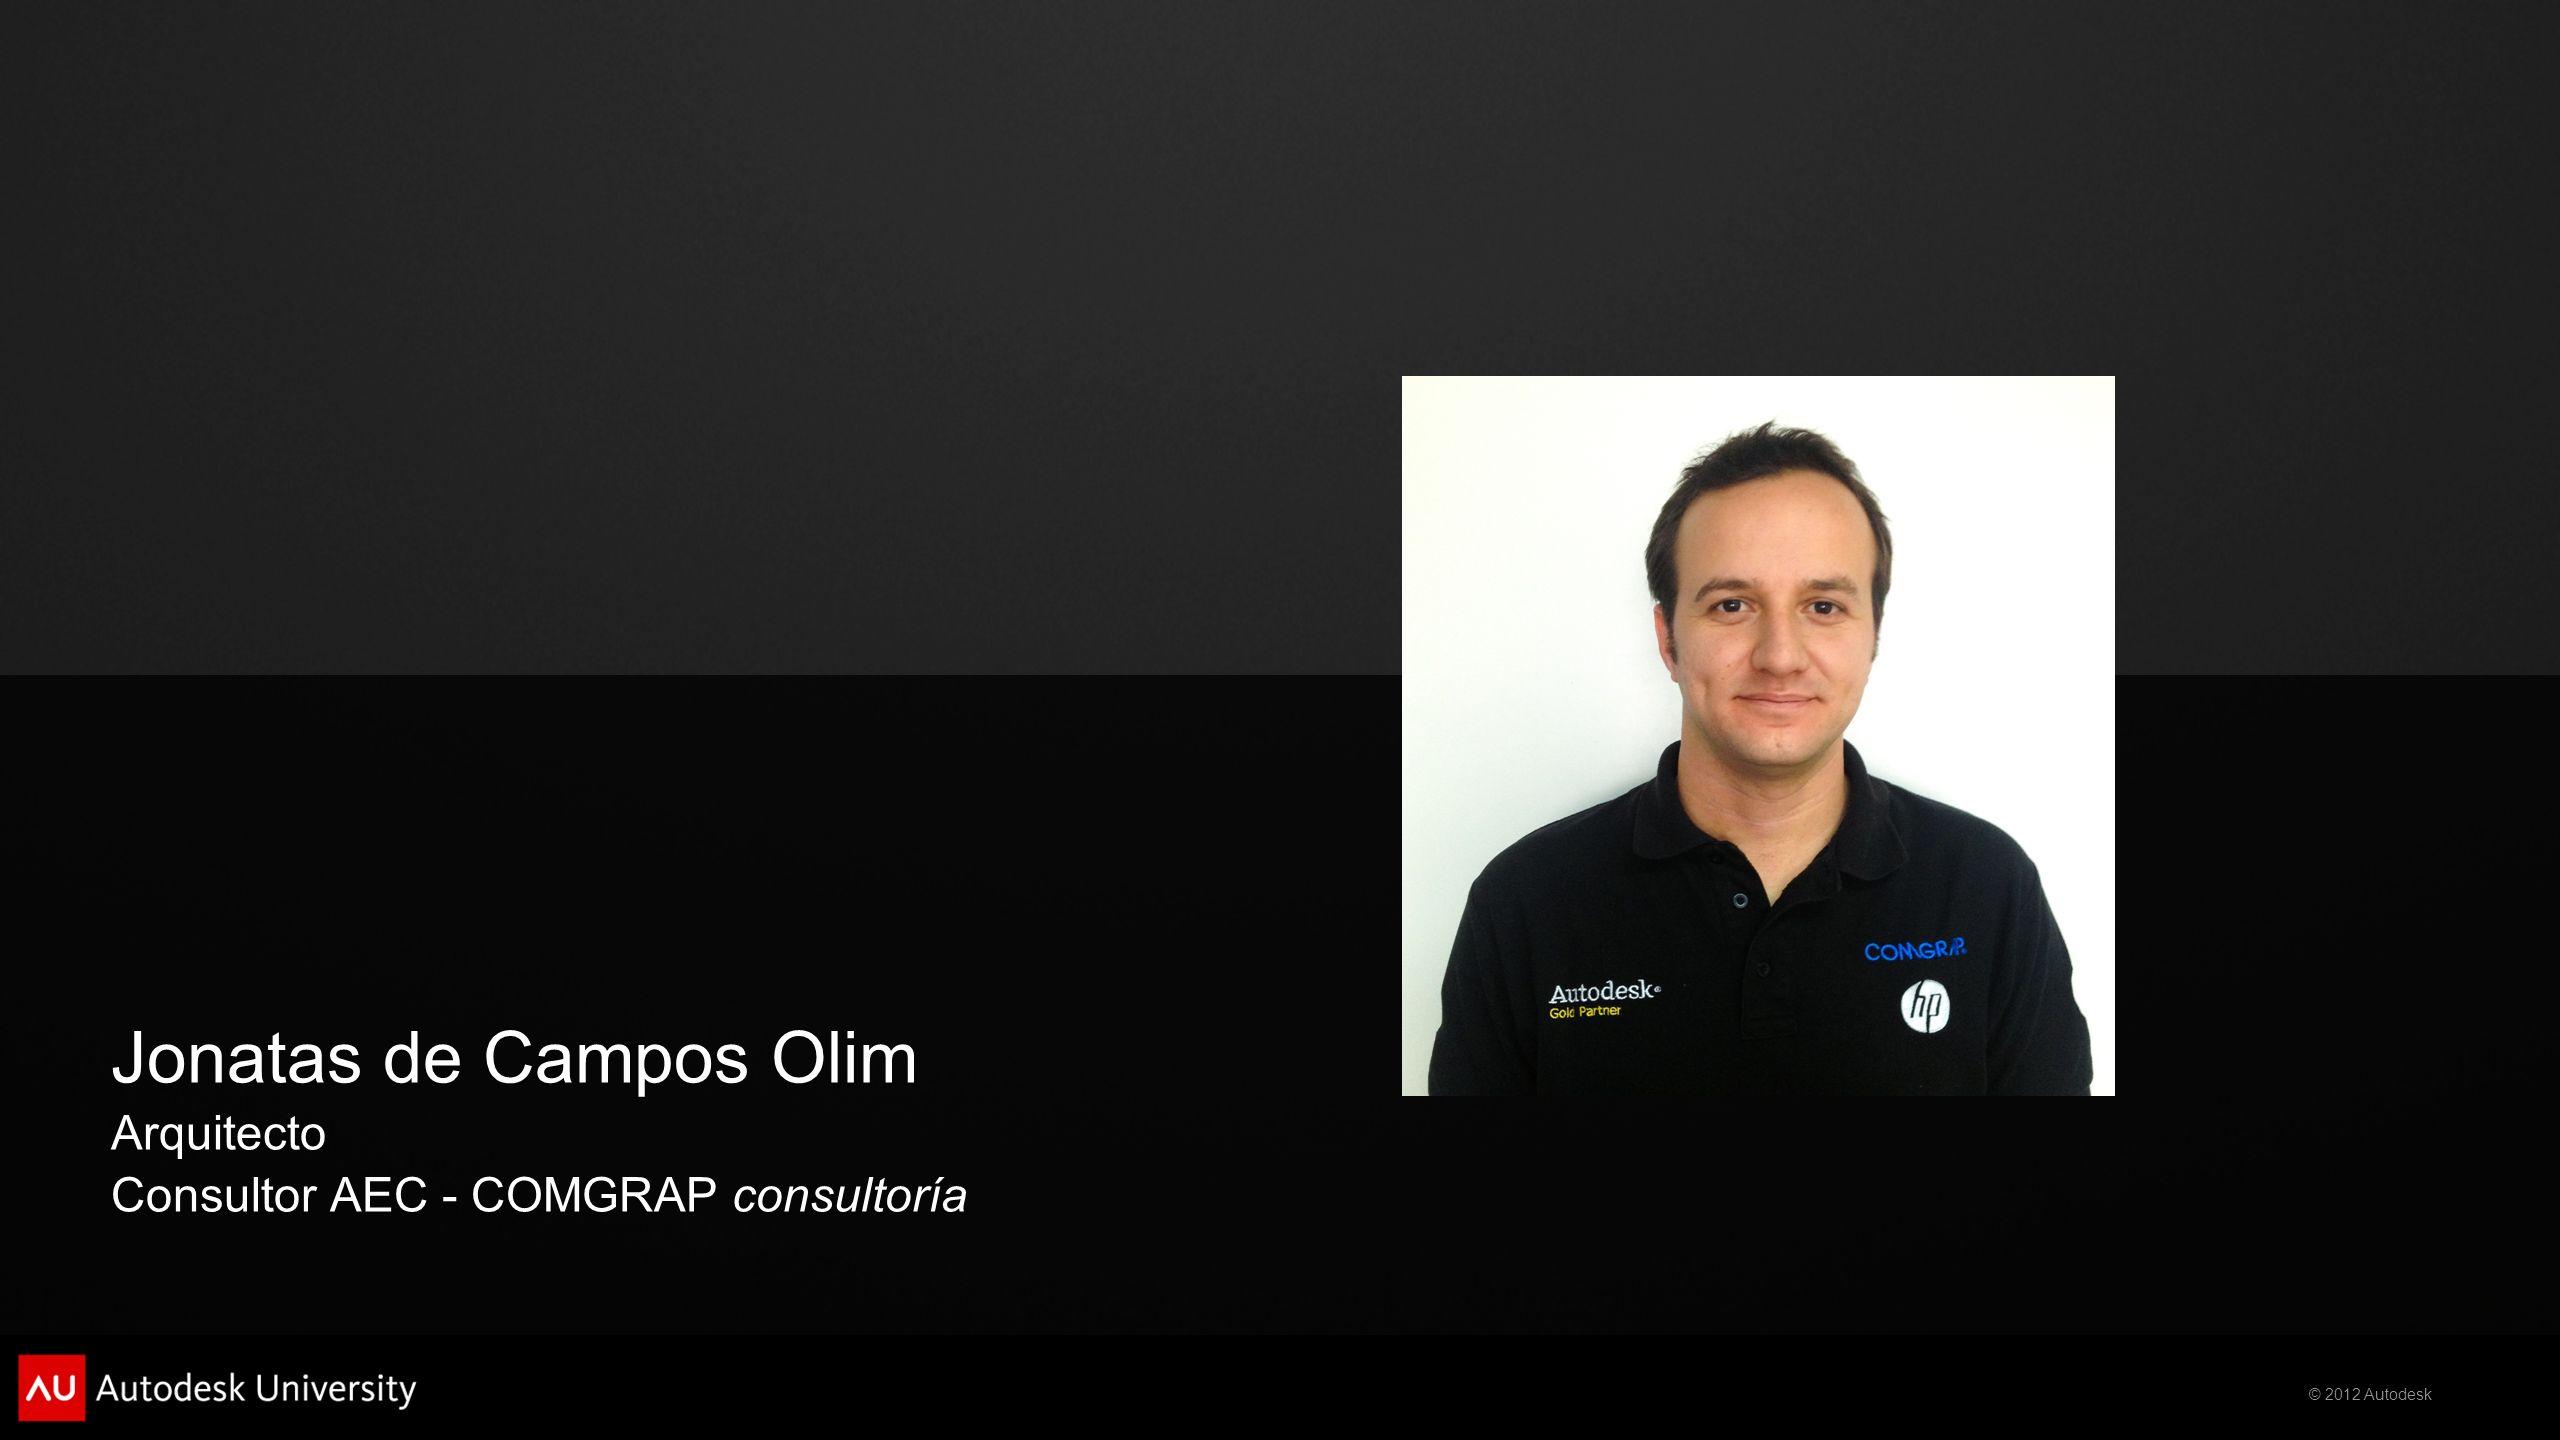 Jonatas de Campos Olim Arquitecto Consultor AEC - COMGRAP consultoría